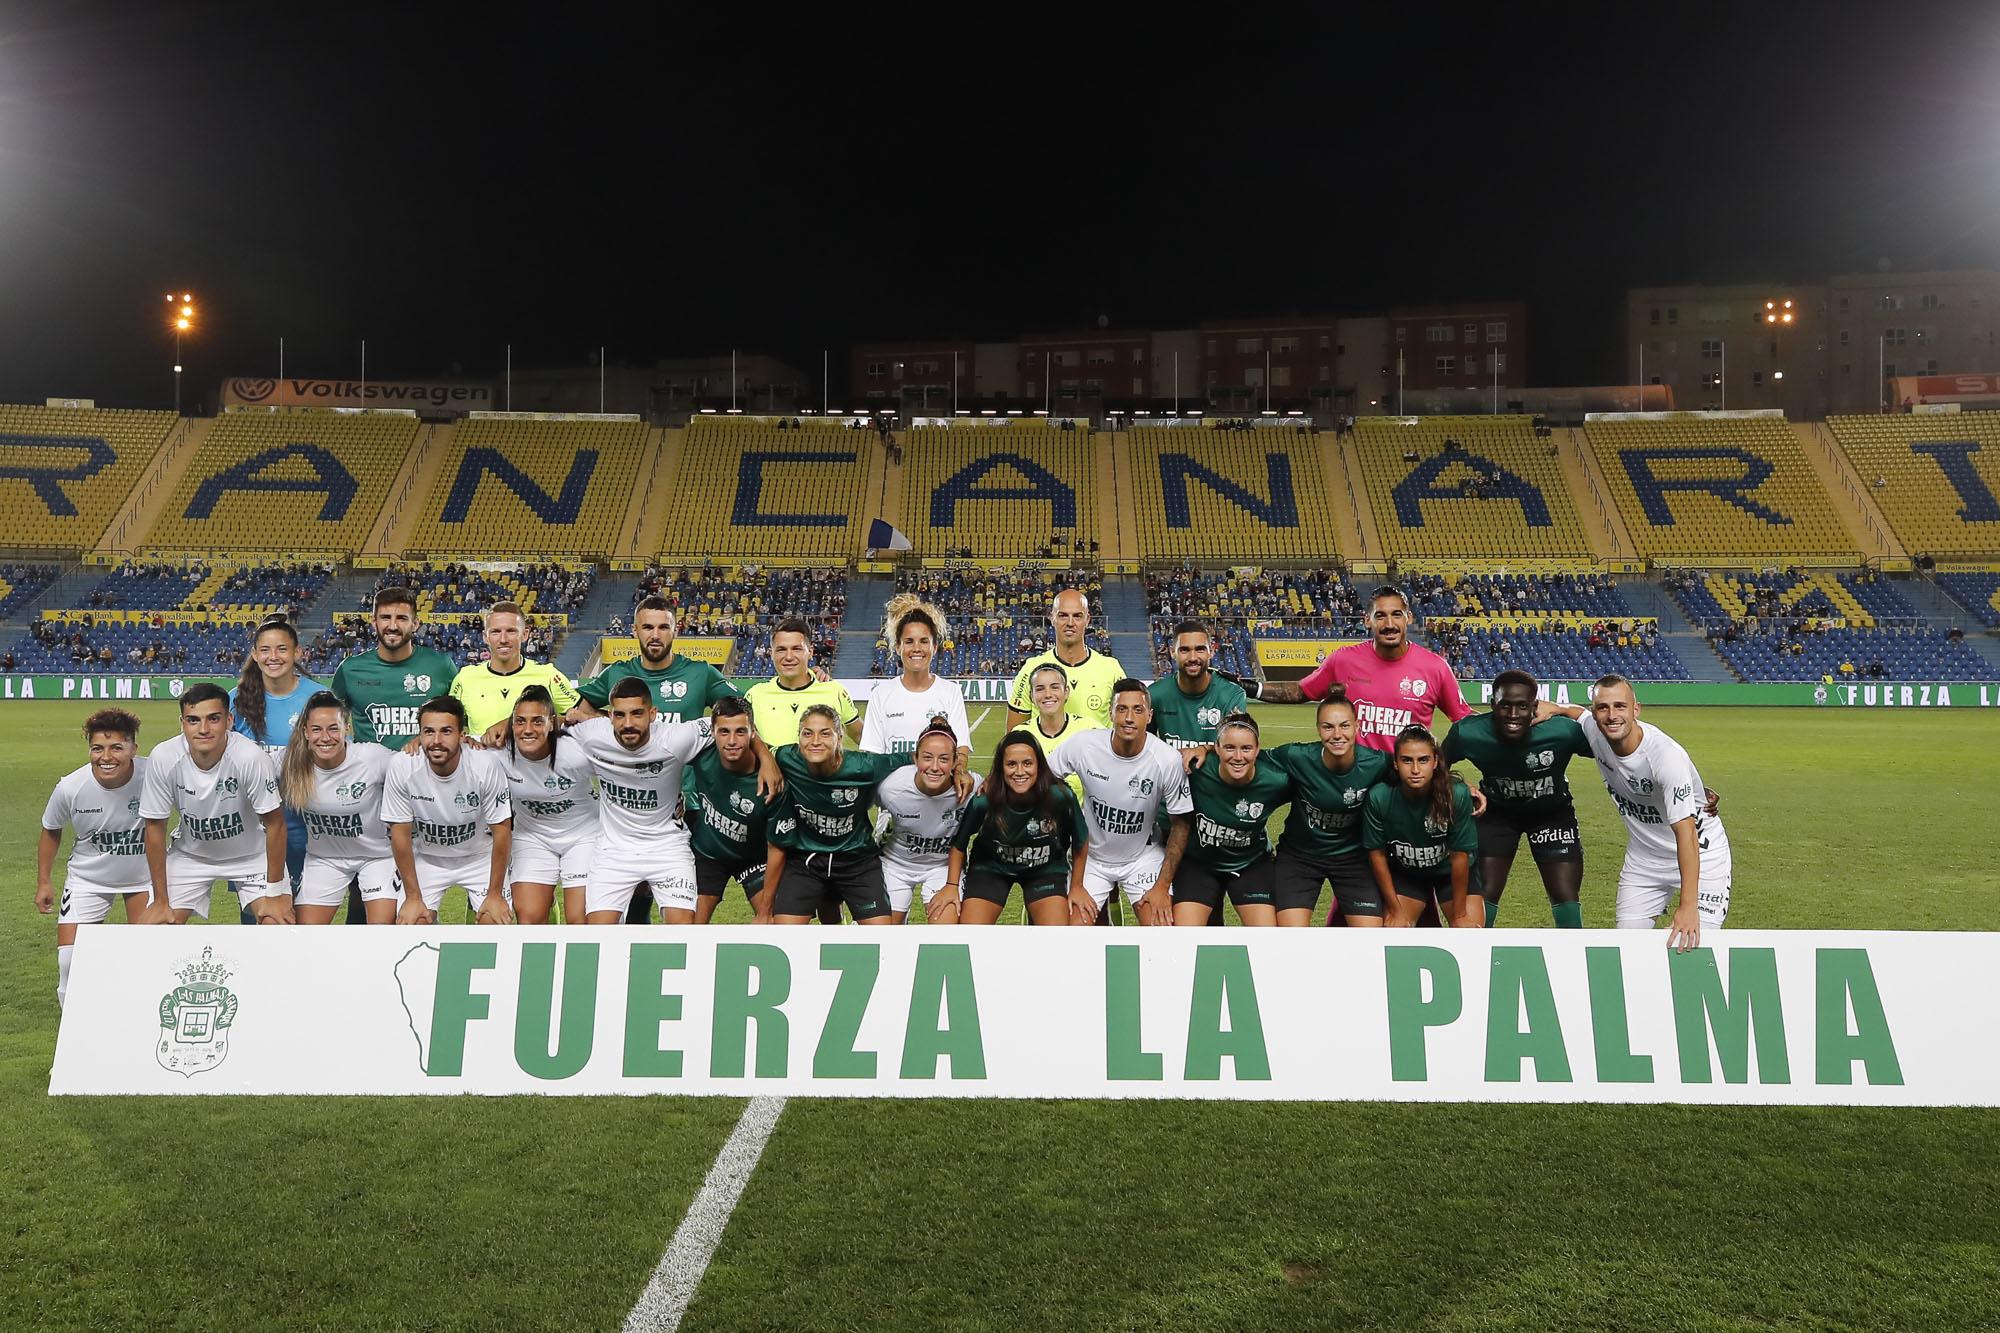 La solidaridad fue la protagonista en el partido benéfico por La Palma